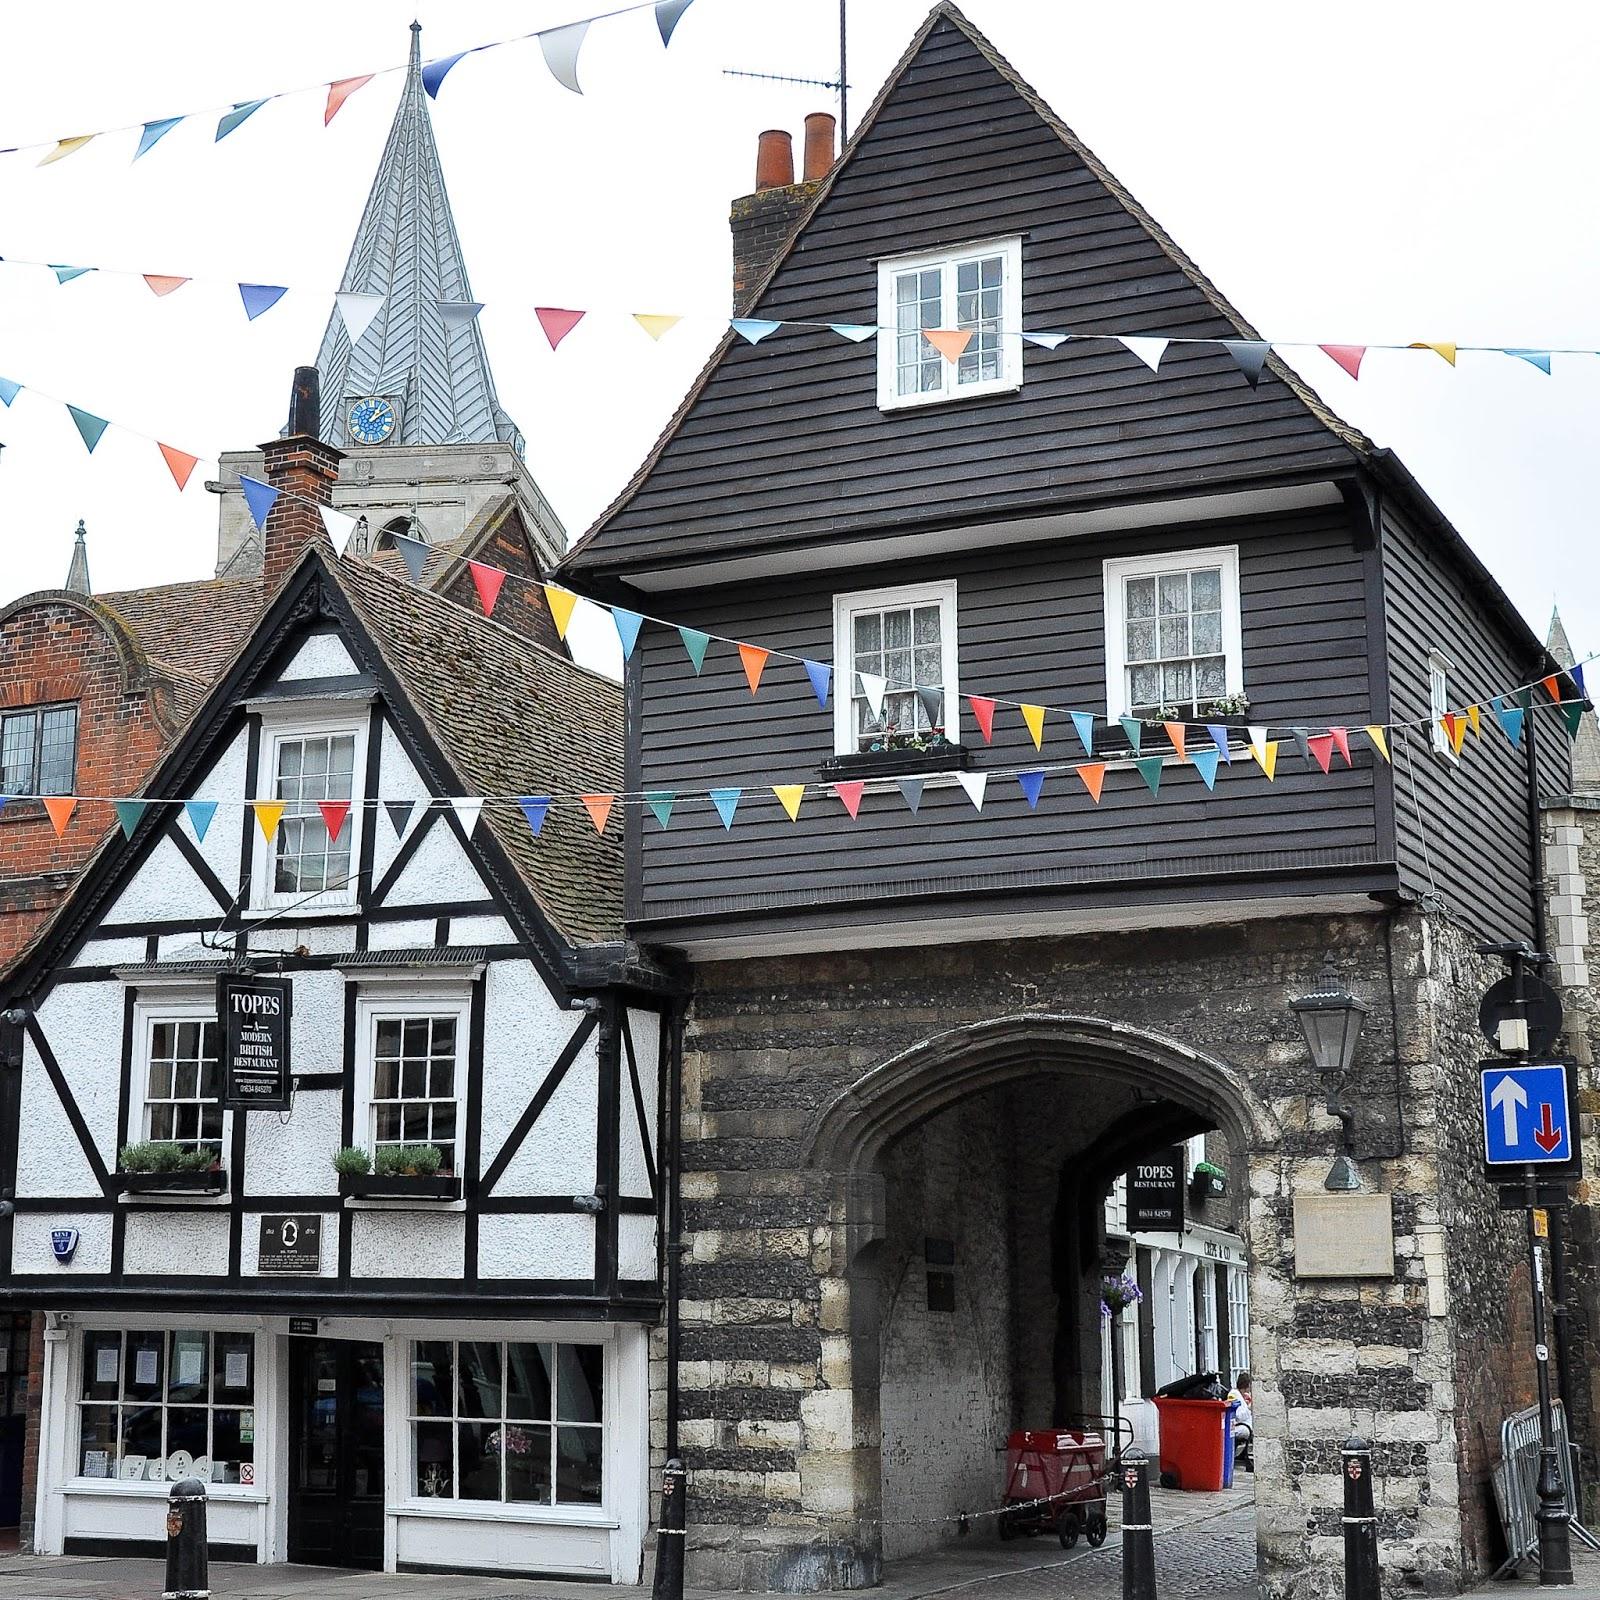 Mr Topes Restaurant, Rochester High Street, Kent, UK